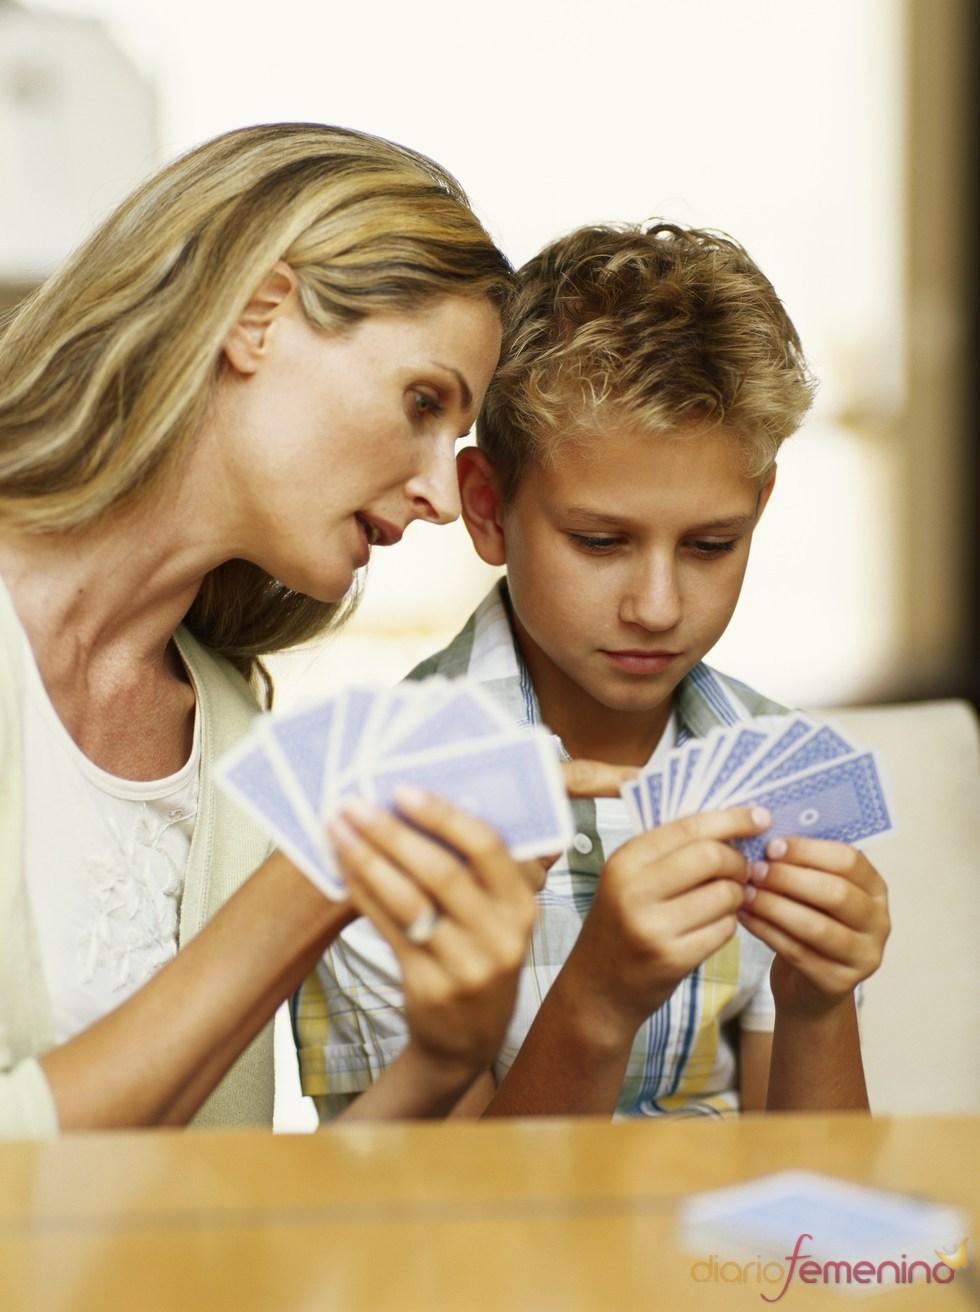 Una madre y su hijo adolescente se divierten jugando a las cartas